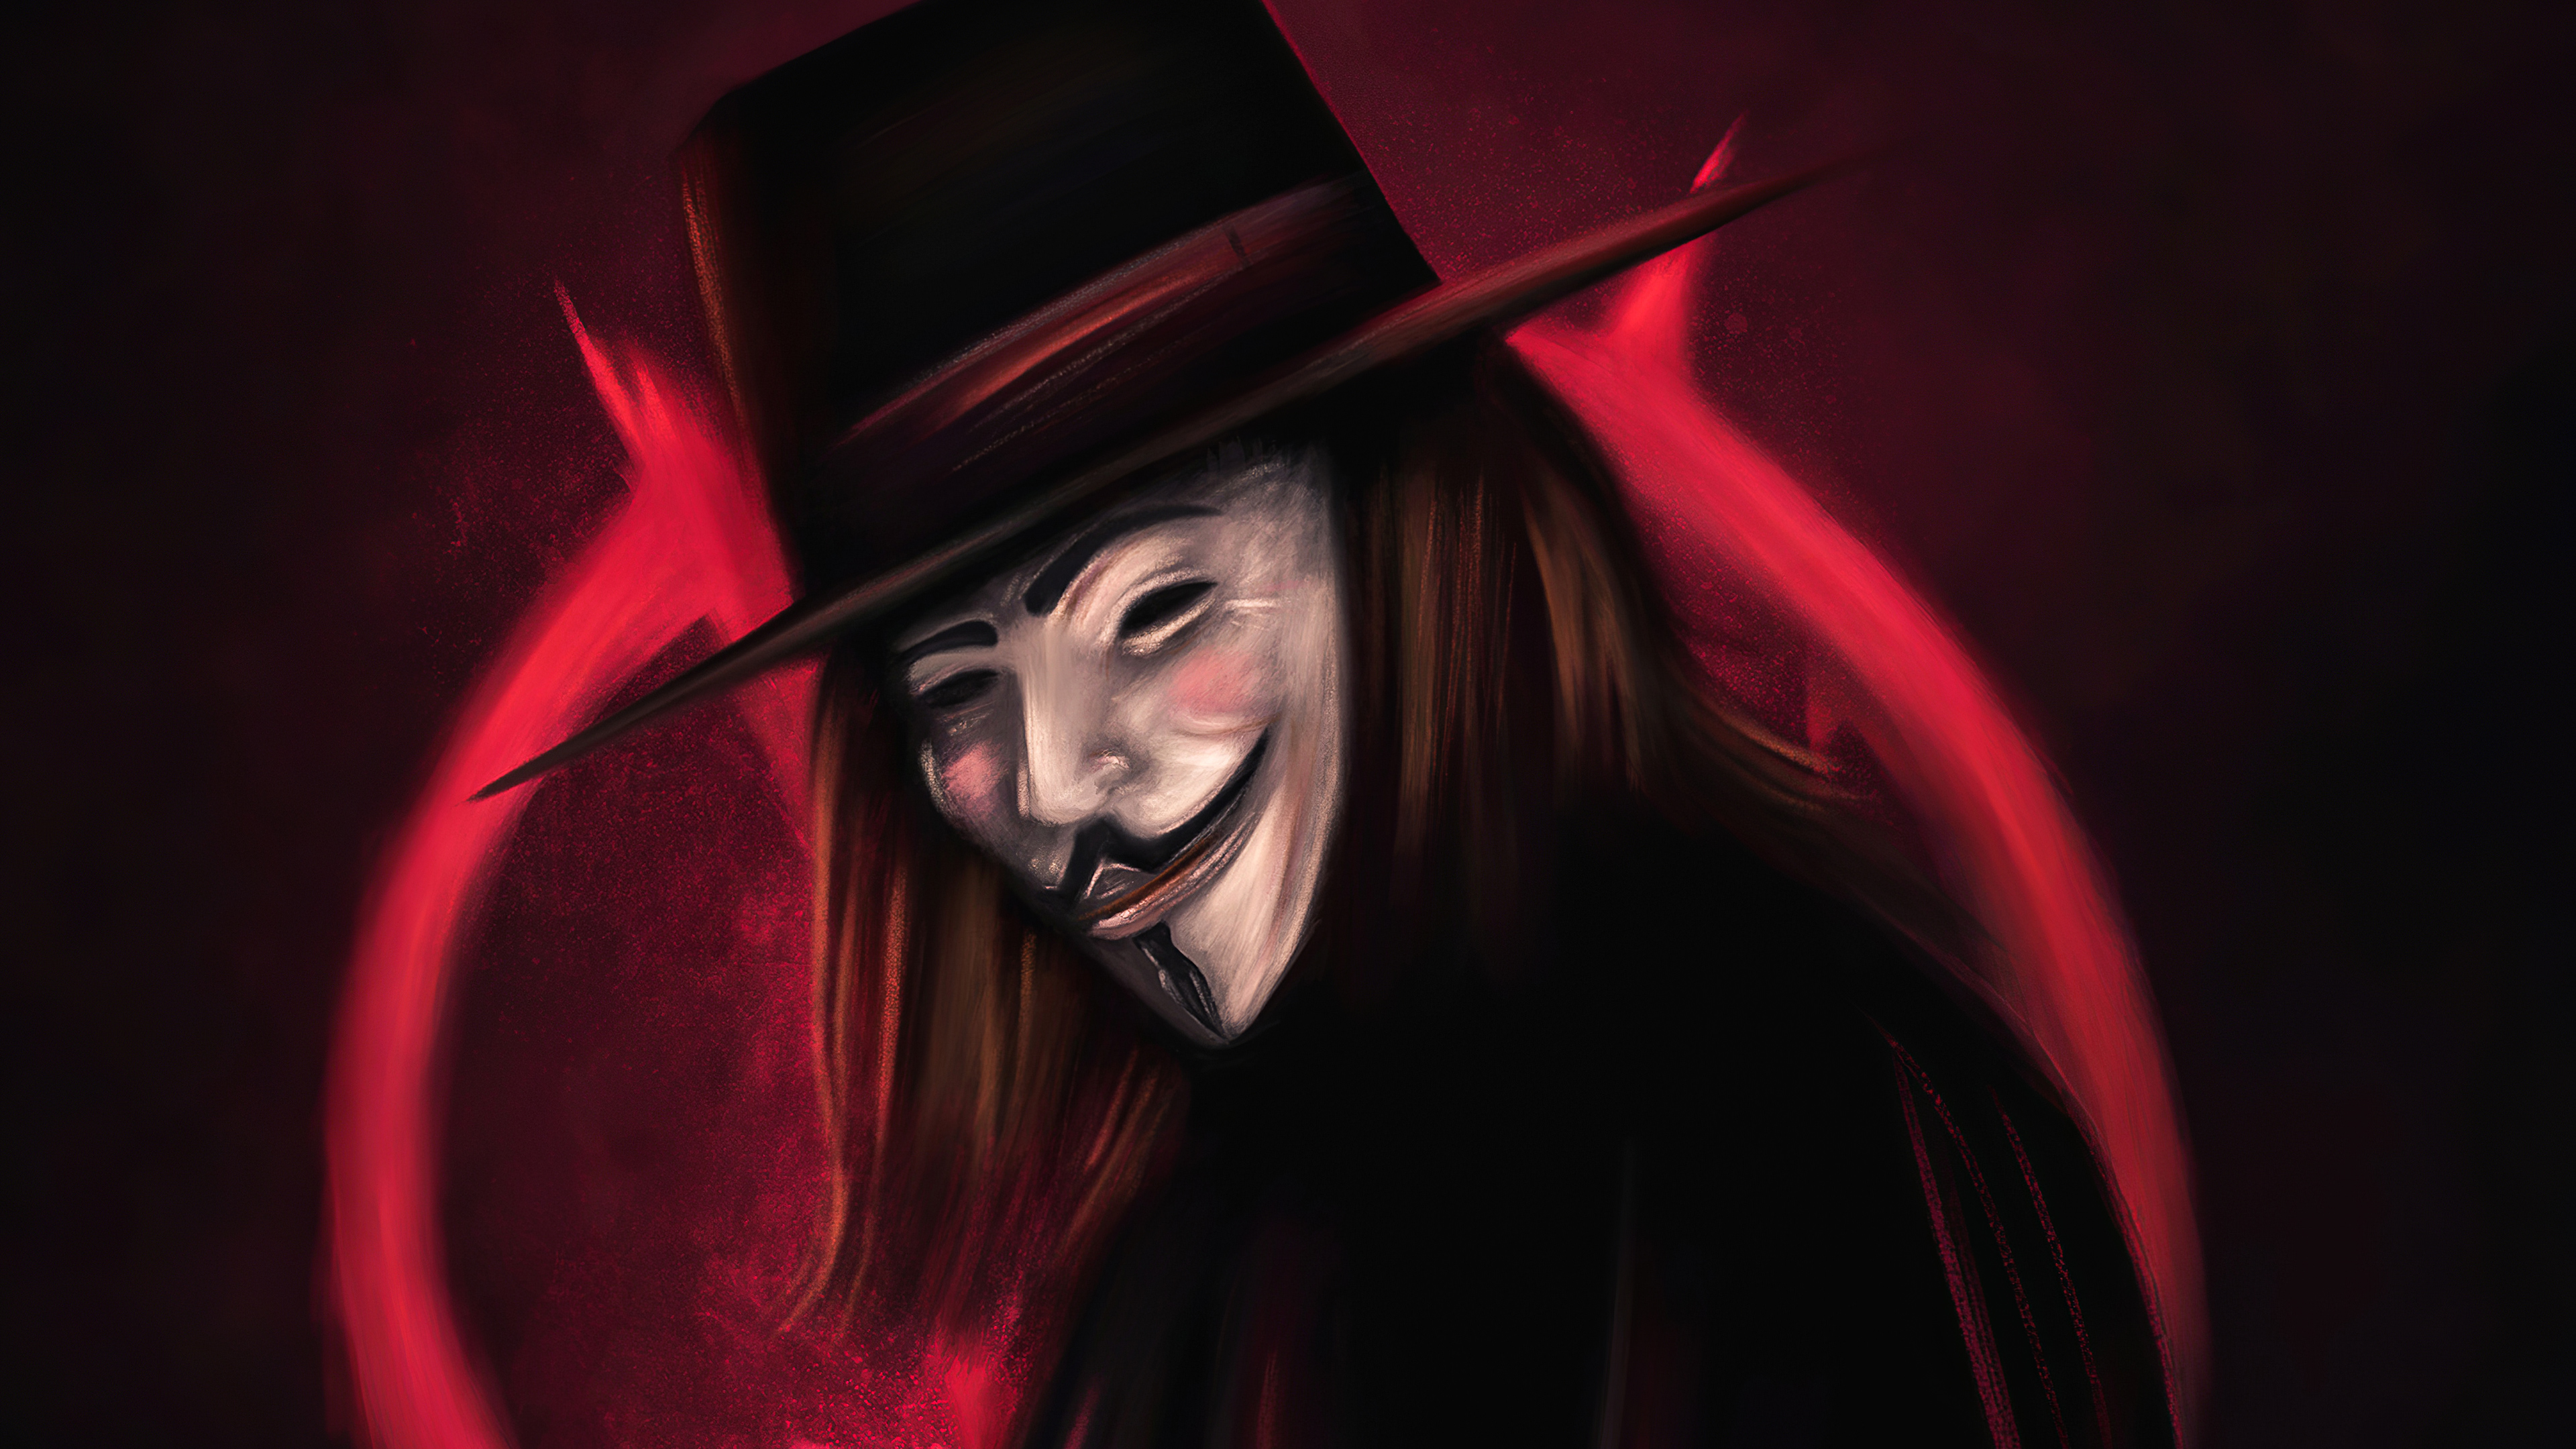 vendetta anonymus 1578255213 - Vendetta Anonymus -